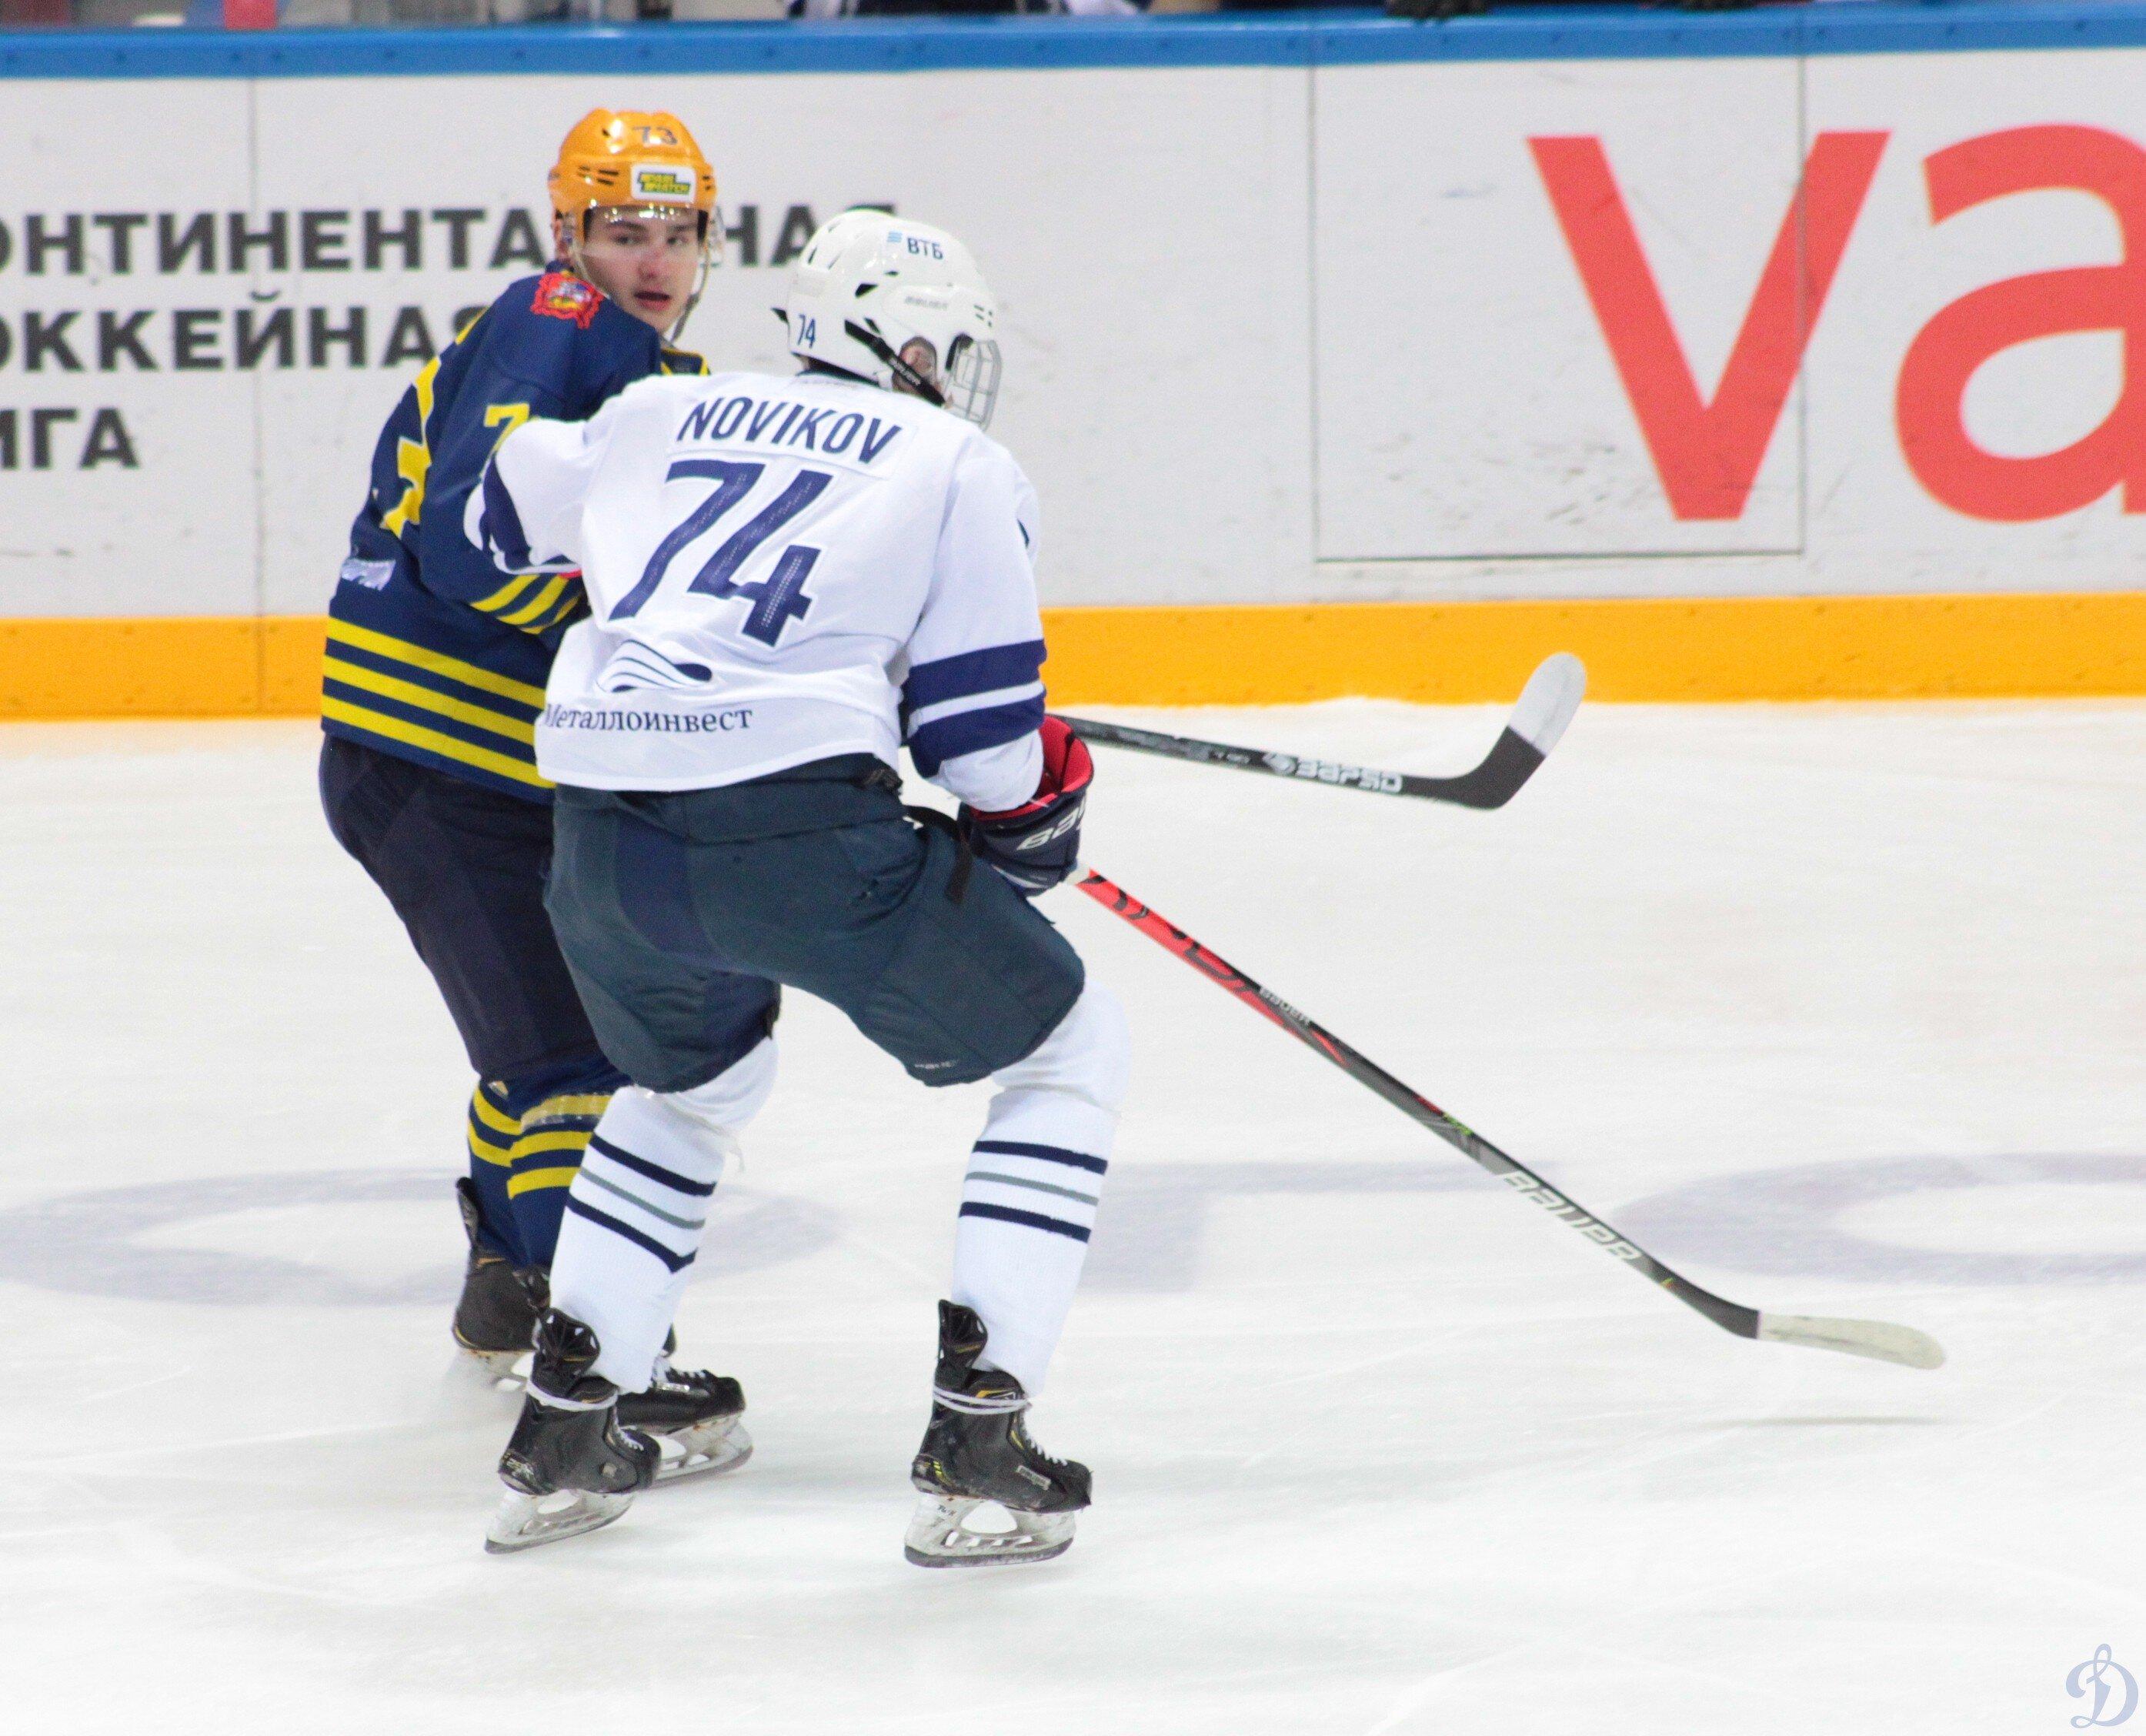 Тренерский штаб динамо москва хоккейный клуб ибица клубы москва